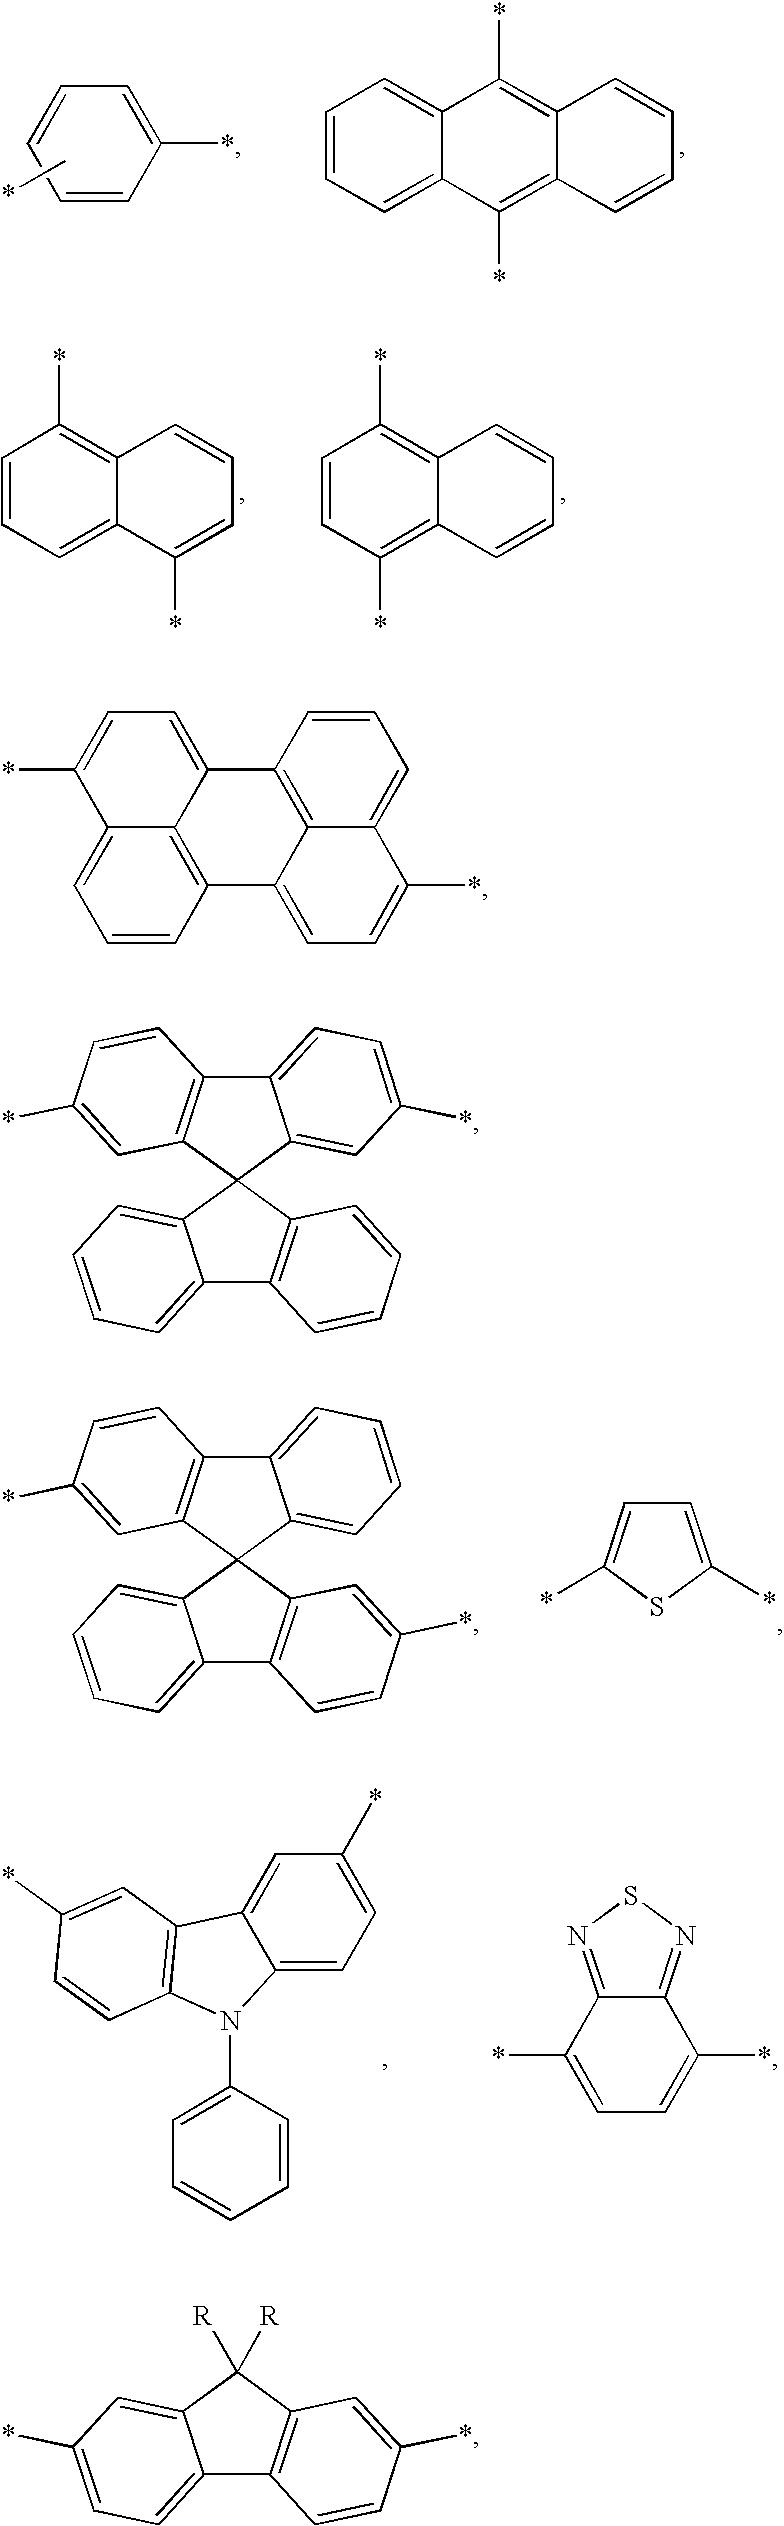 Figure US20070107835A1-20070517-C00016